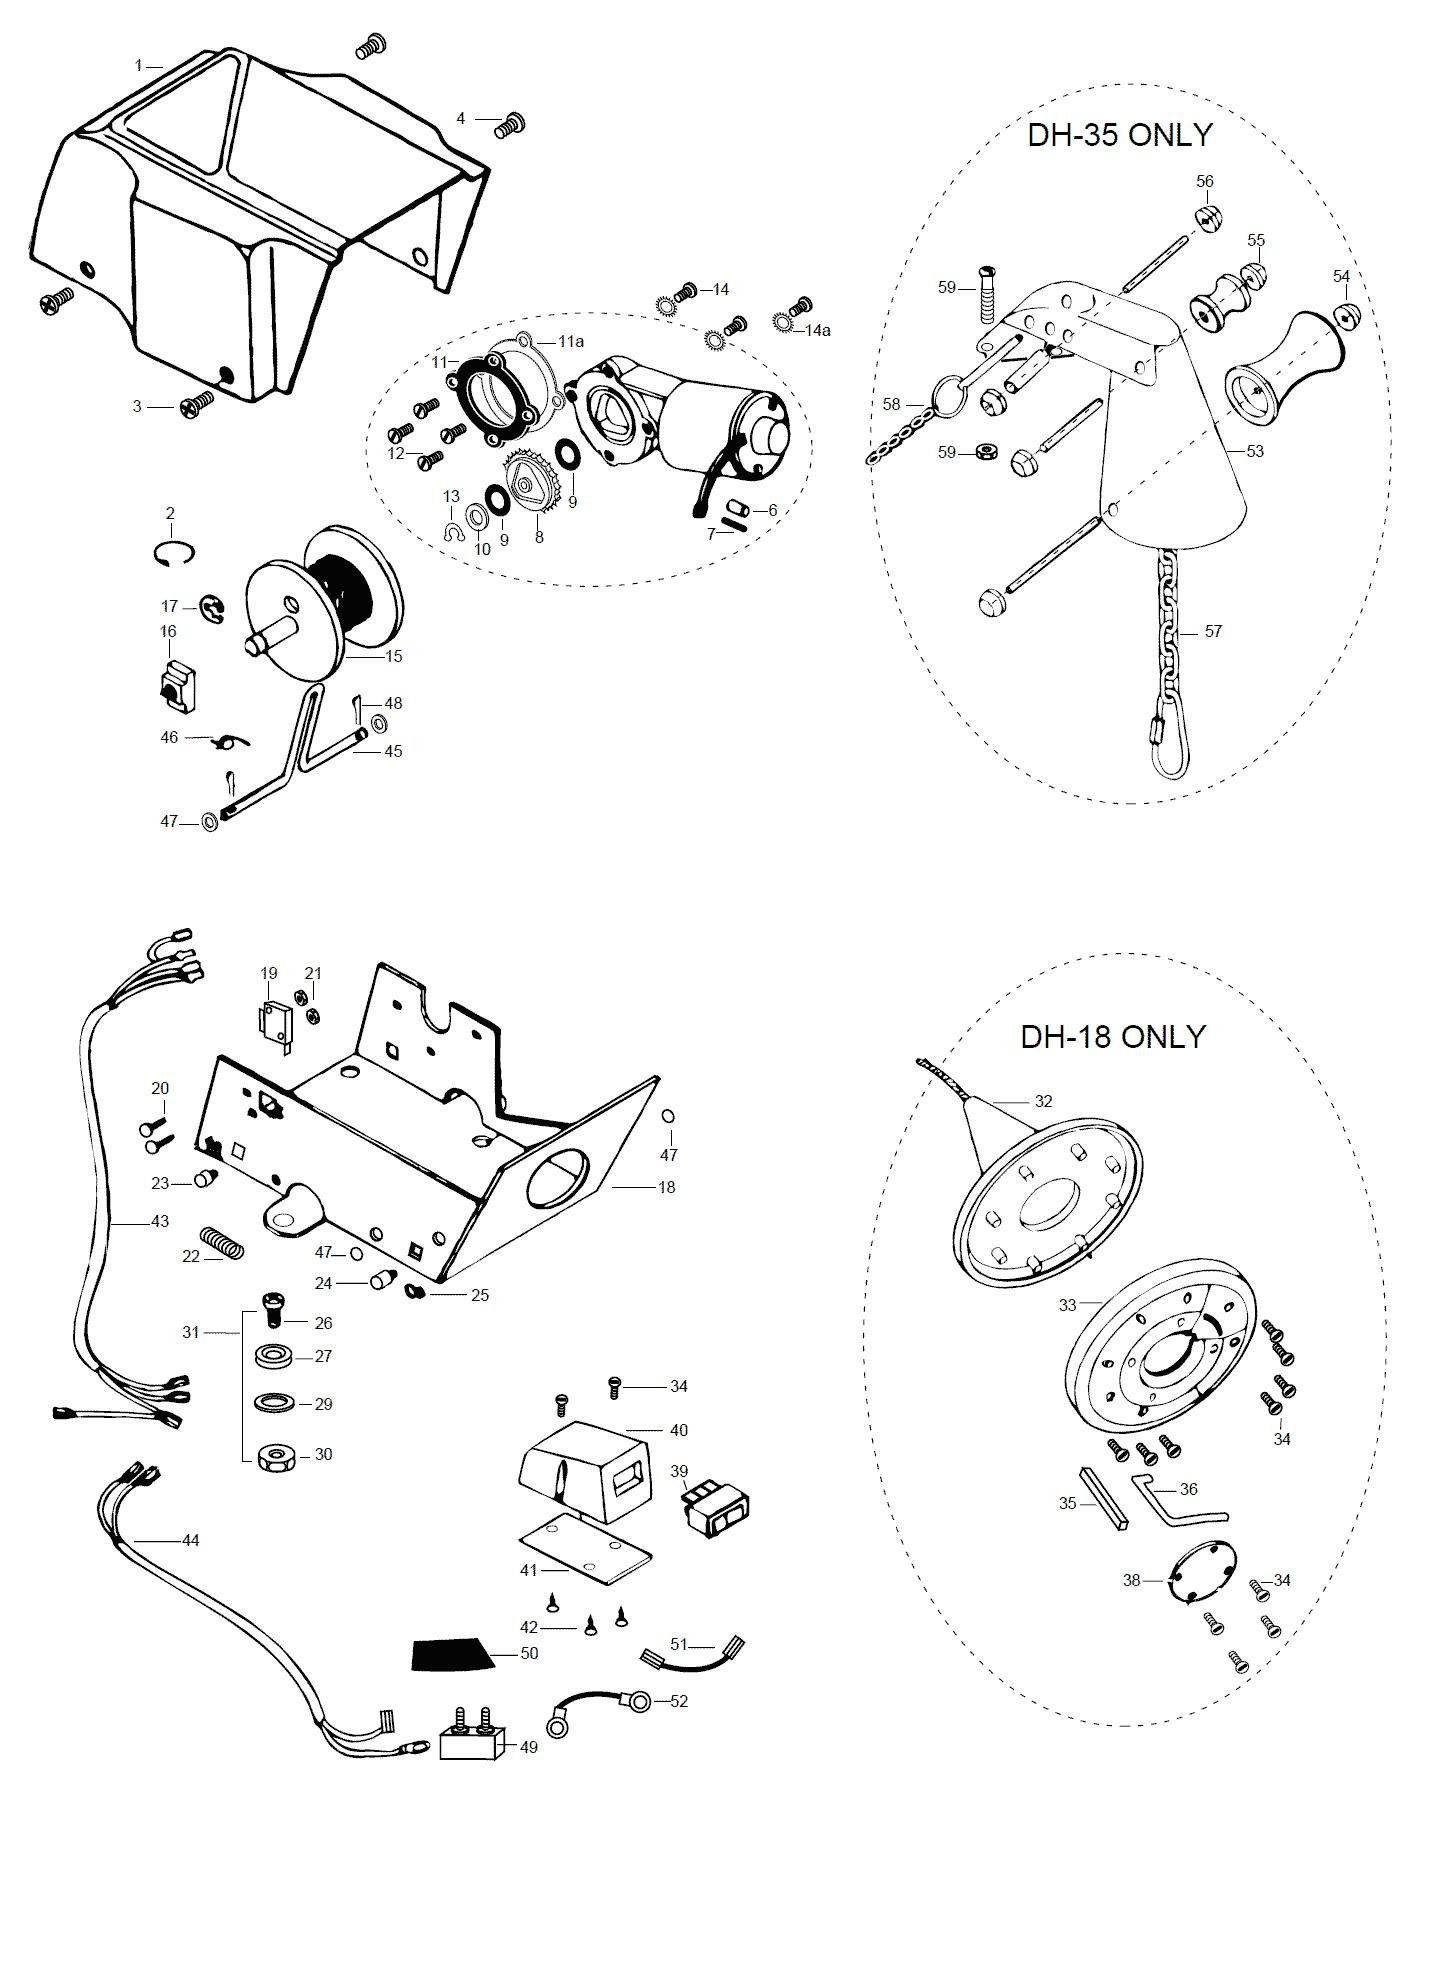 Minn Kota Deckhand 18 Parts